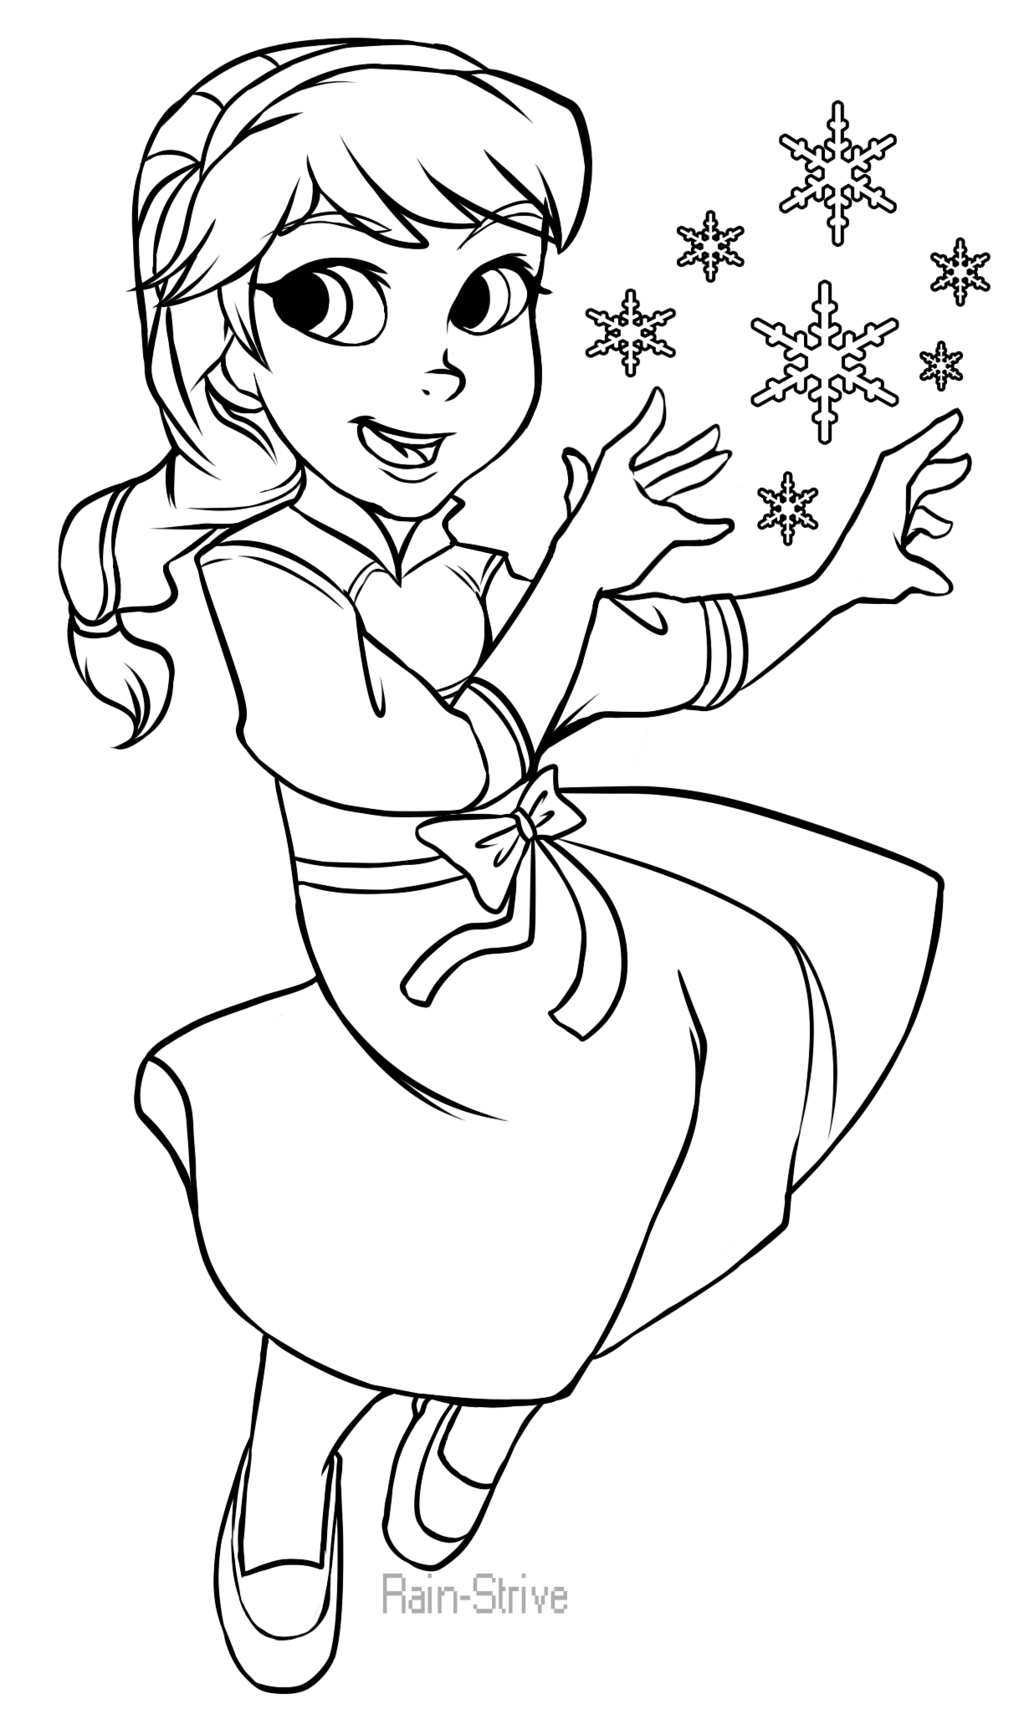 Elsa Frozen Drawing Full Body Step 1024x1730 FrozenElsa By Rain Strive On DeviantArt